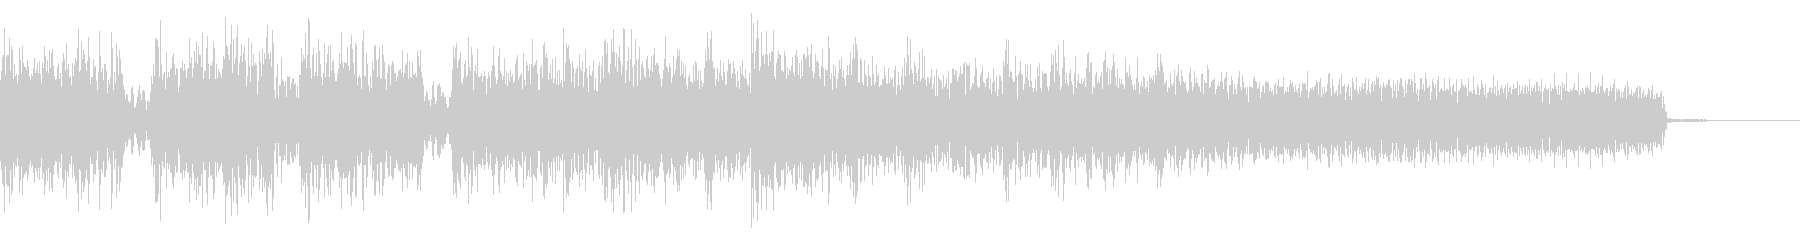 攻撃的なメタルなジングル 場面転換の未再生の波形